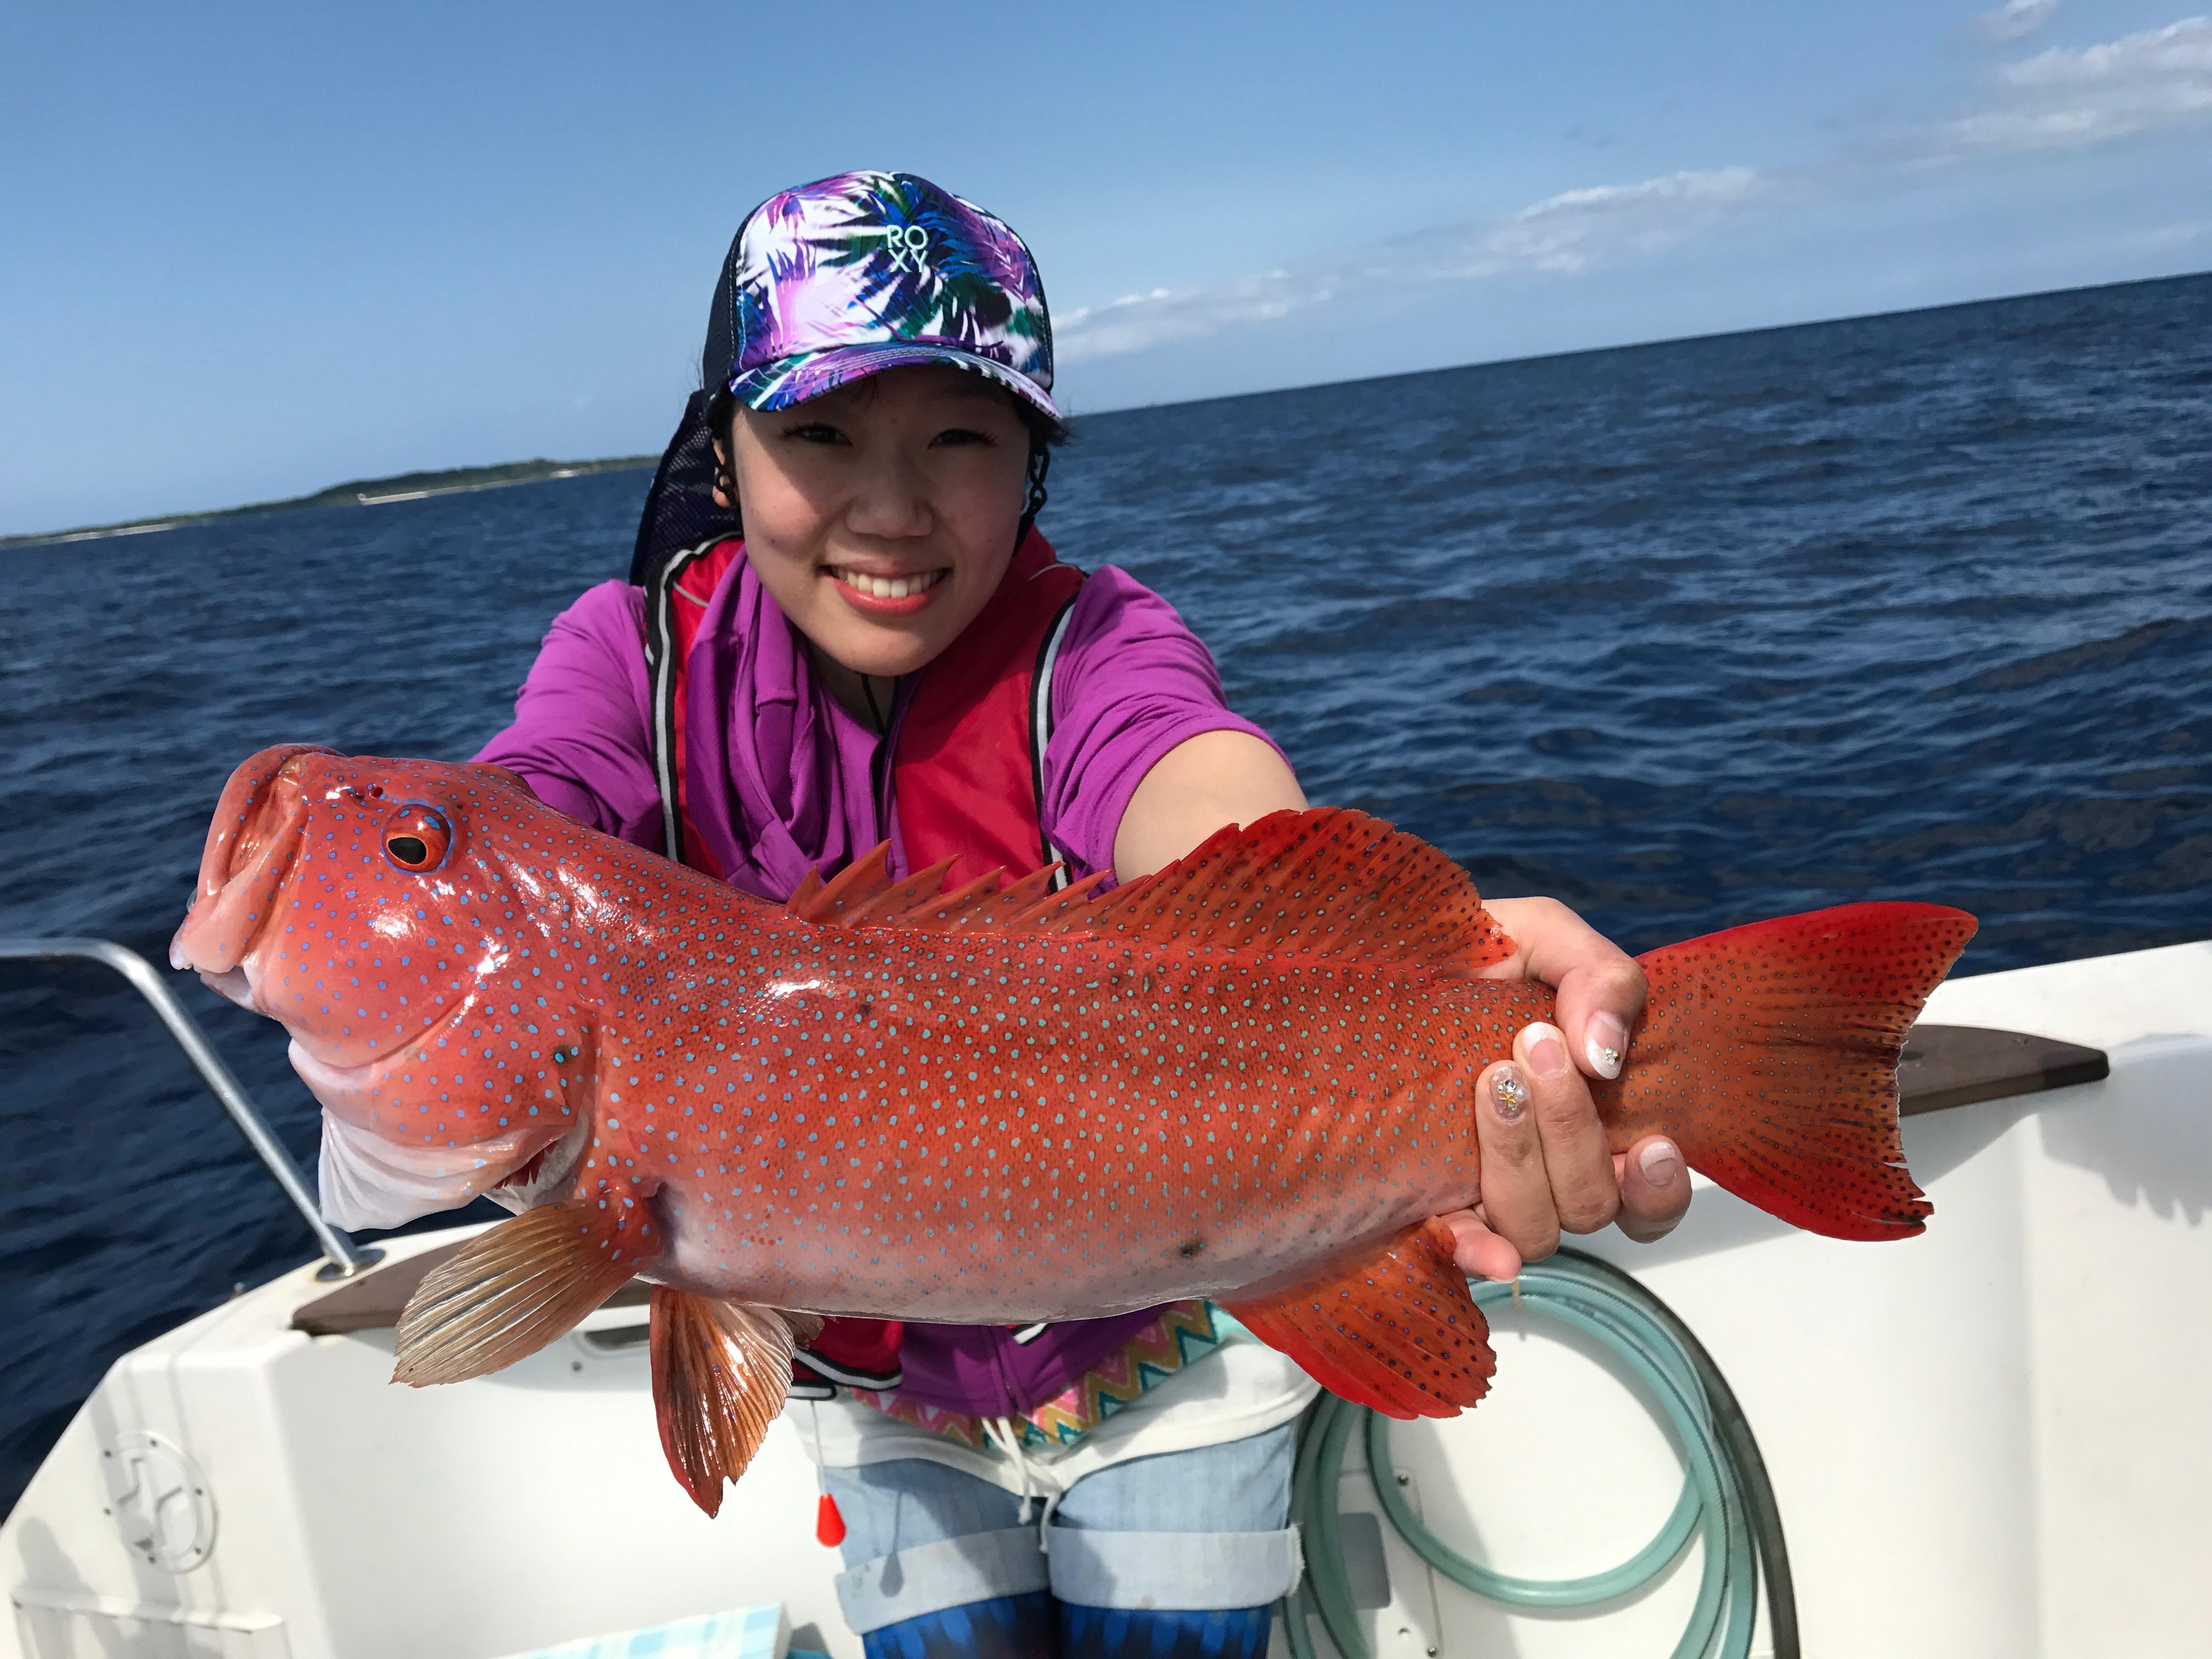 石垣島で釣りのツアーに参加する女の子